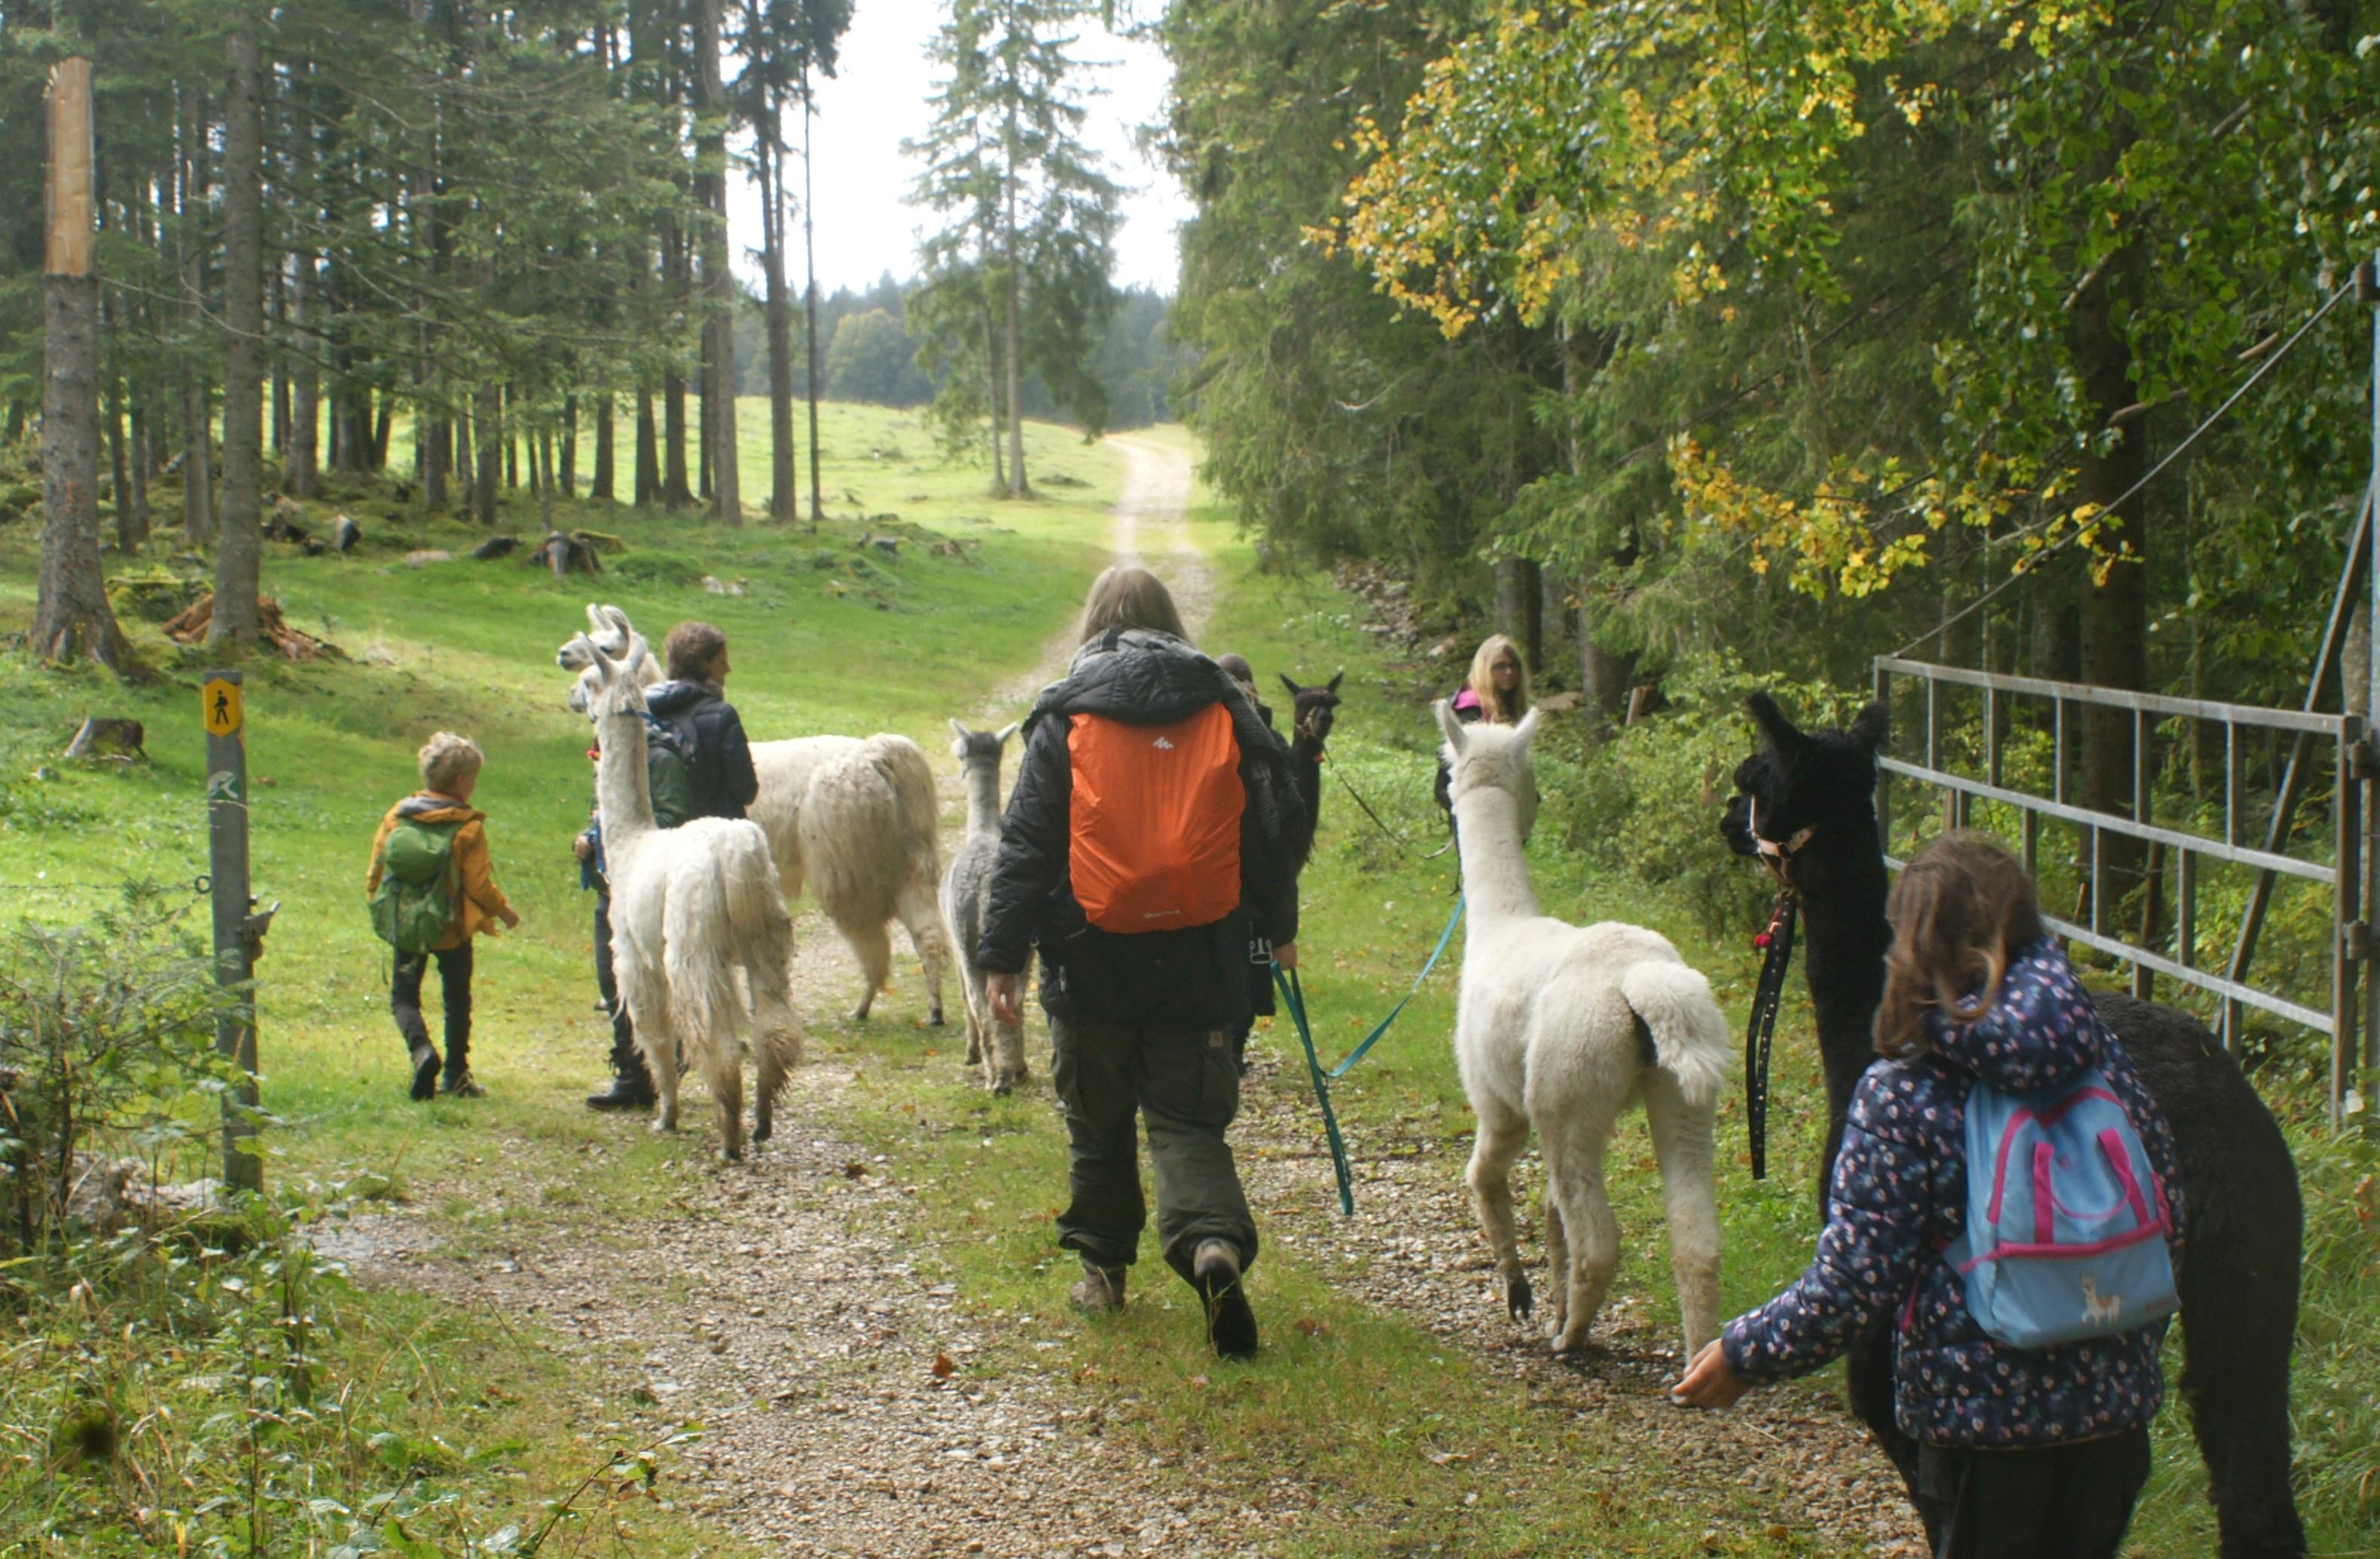 Balades insolites avec des animaux étonnants - Balade à dos de lama avec Lampaga à Romainmôtier